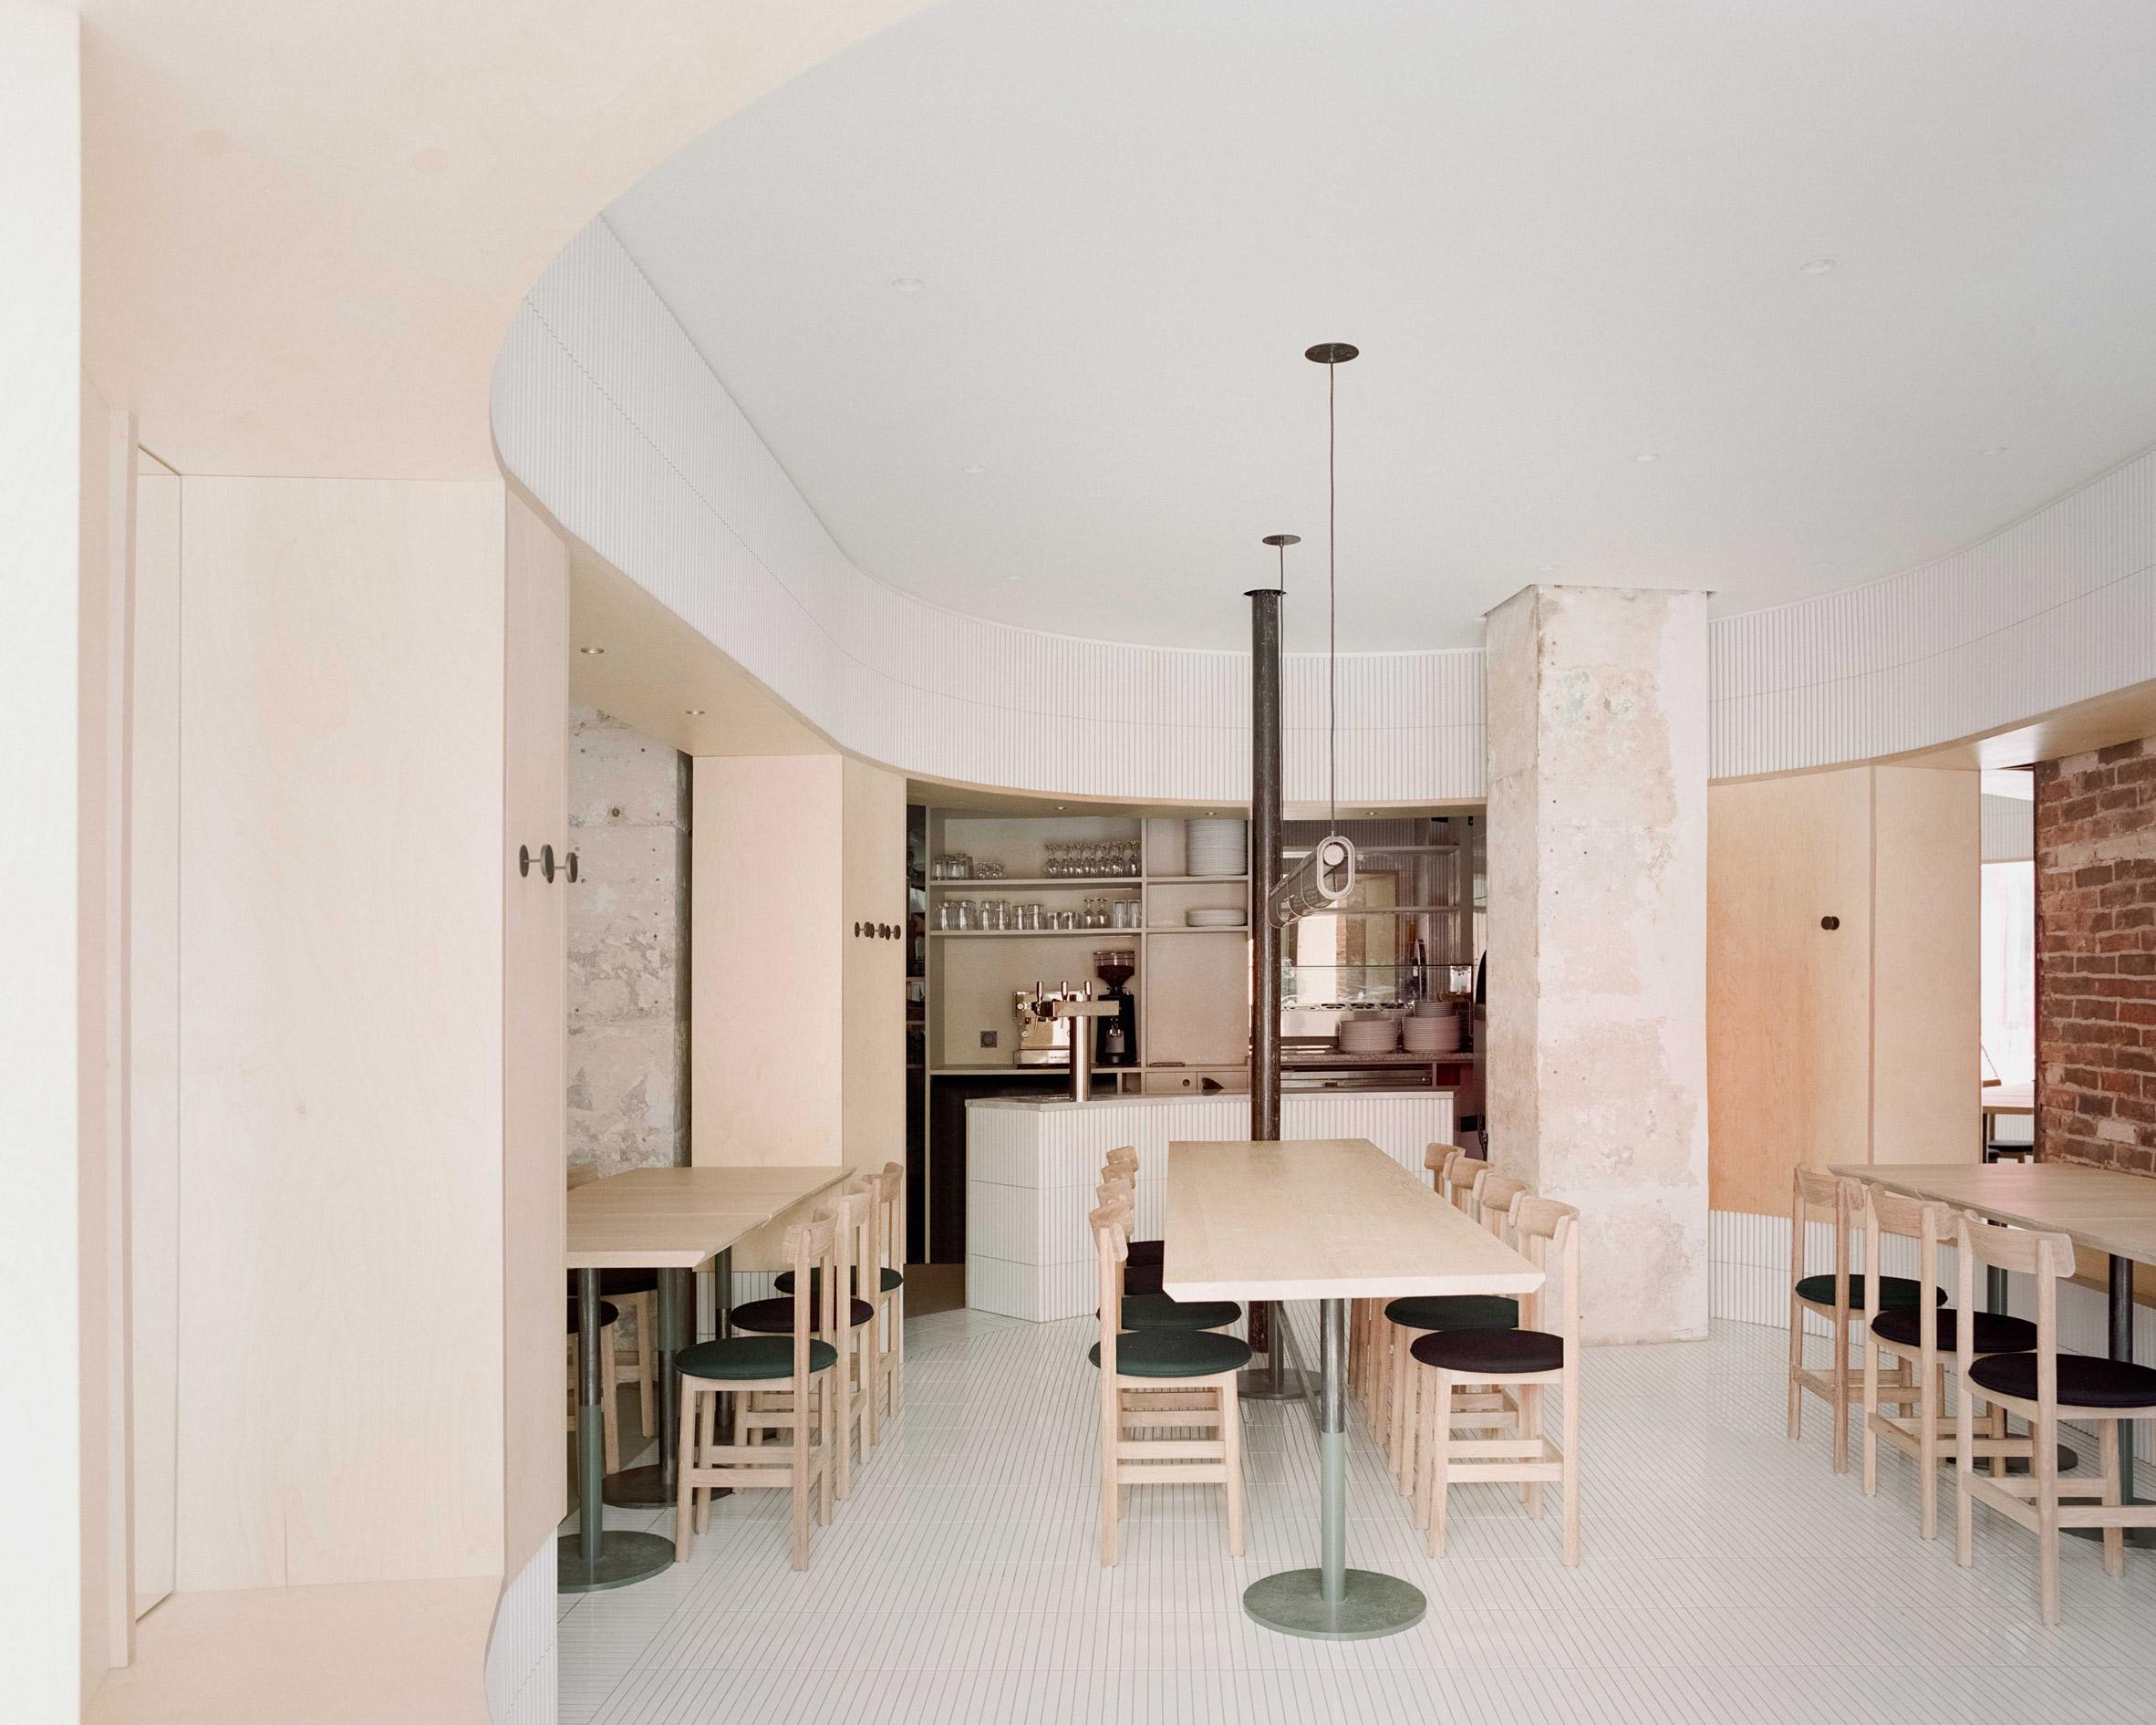 Interiors of Papi restaurant in Paris